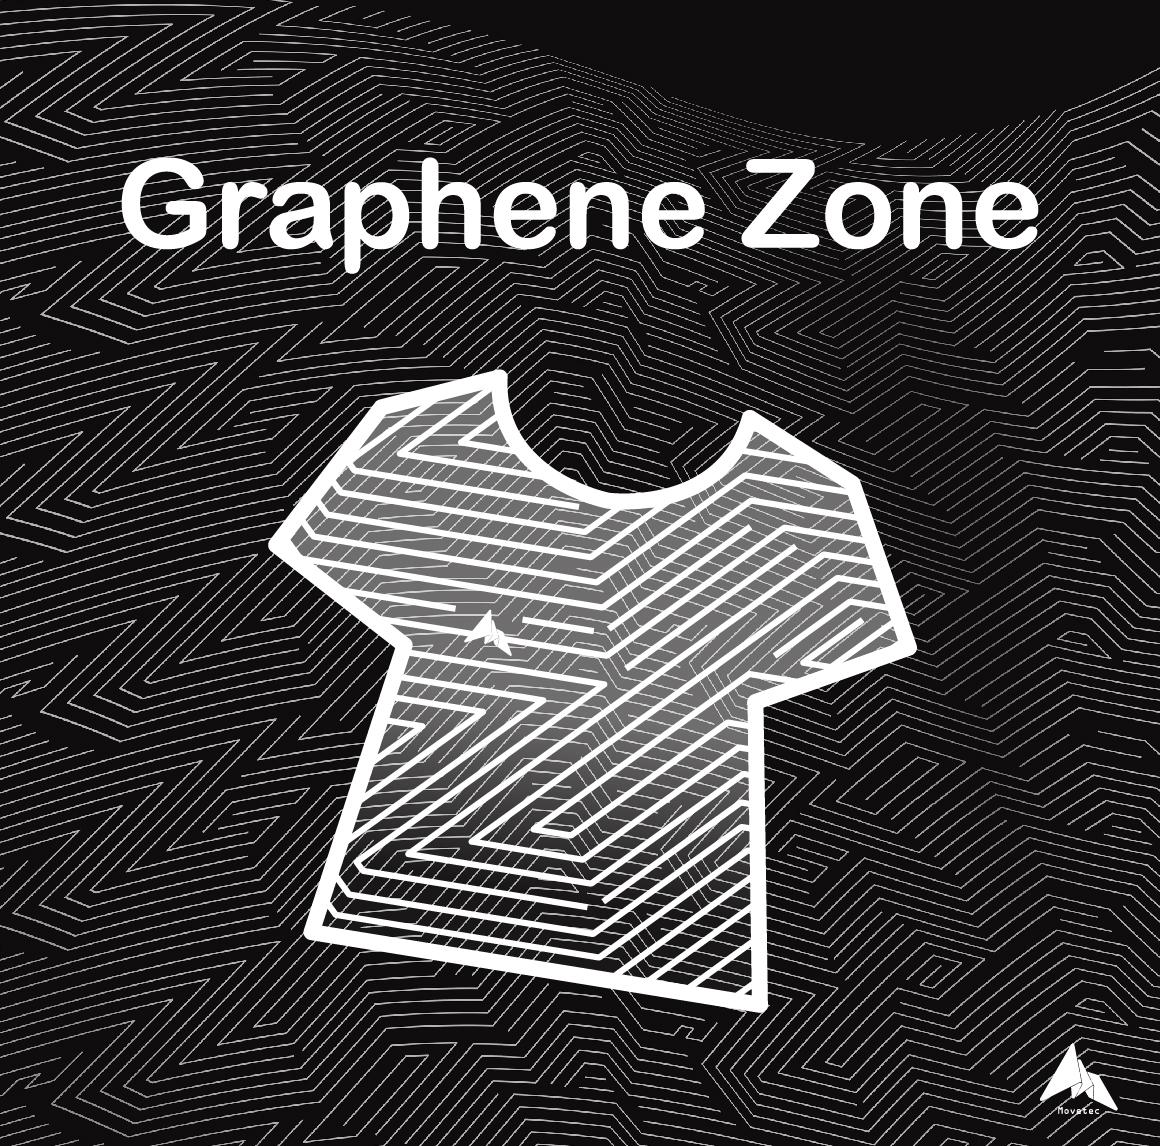 Graphene Zone